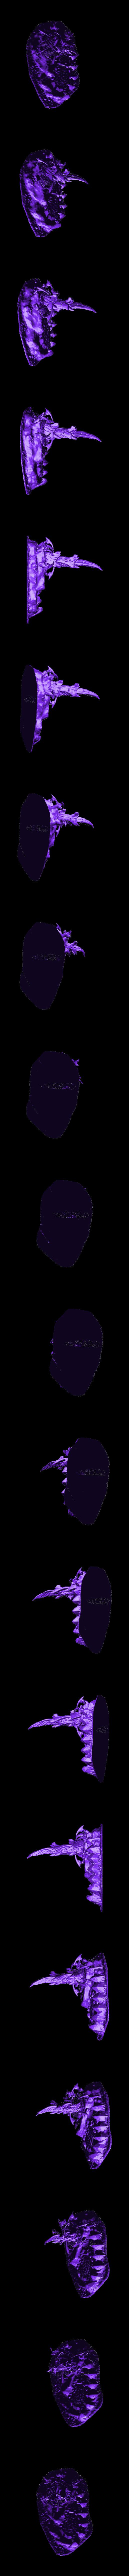 15 2E.stl Télécharger fichier STL gratuit Tyty bug party terrain remix Part 1 Free 3D print model • Modèle pour imprimante 3D, Alario